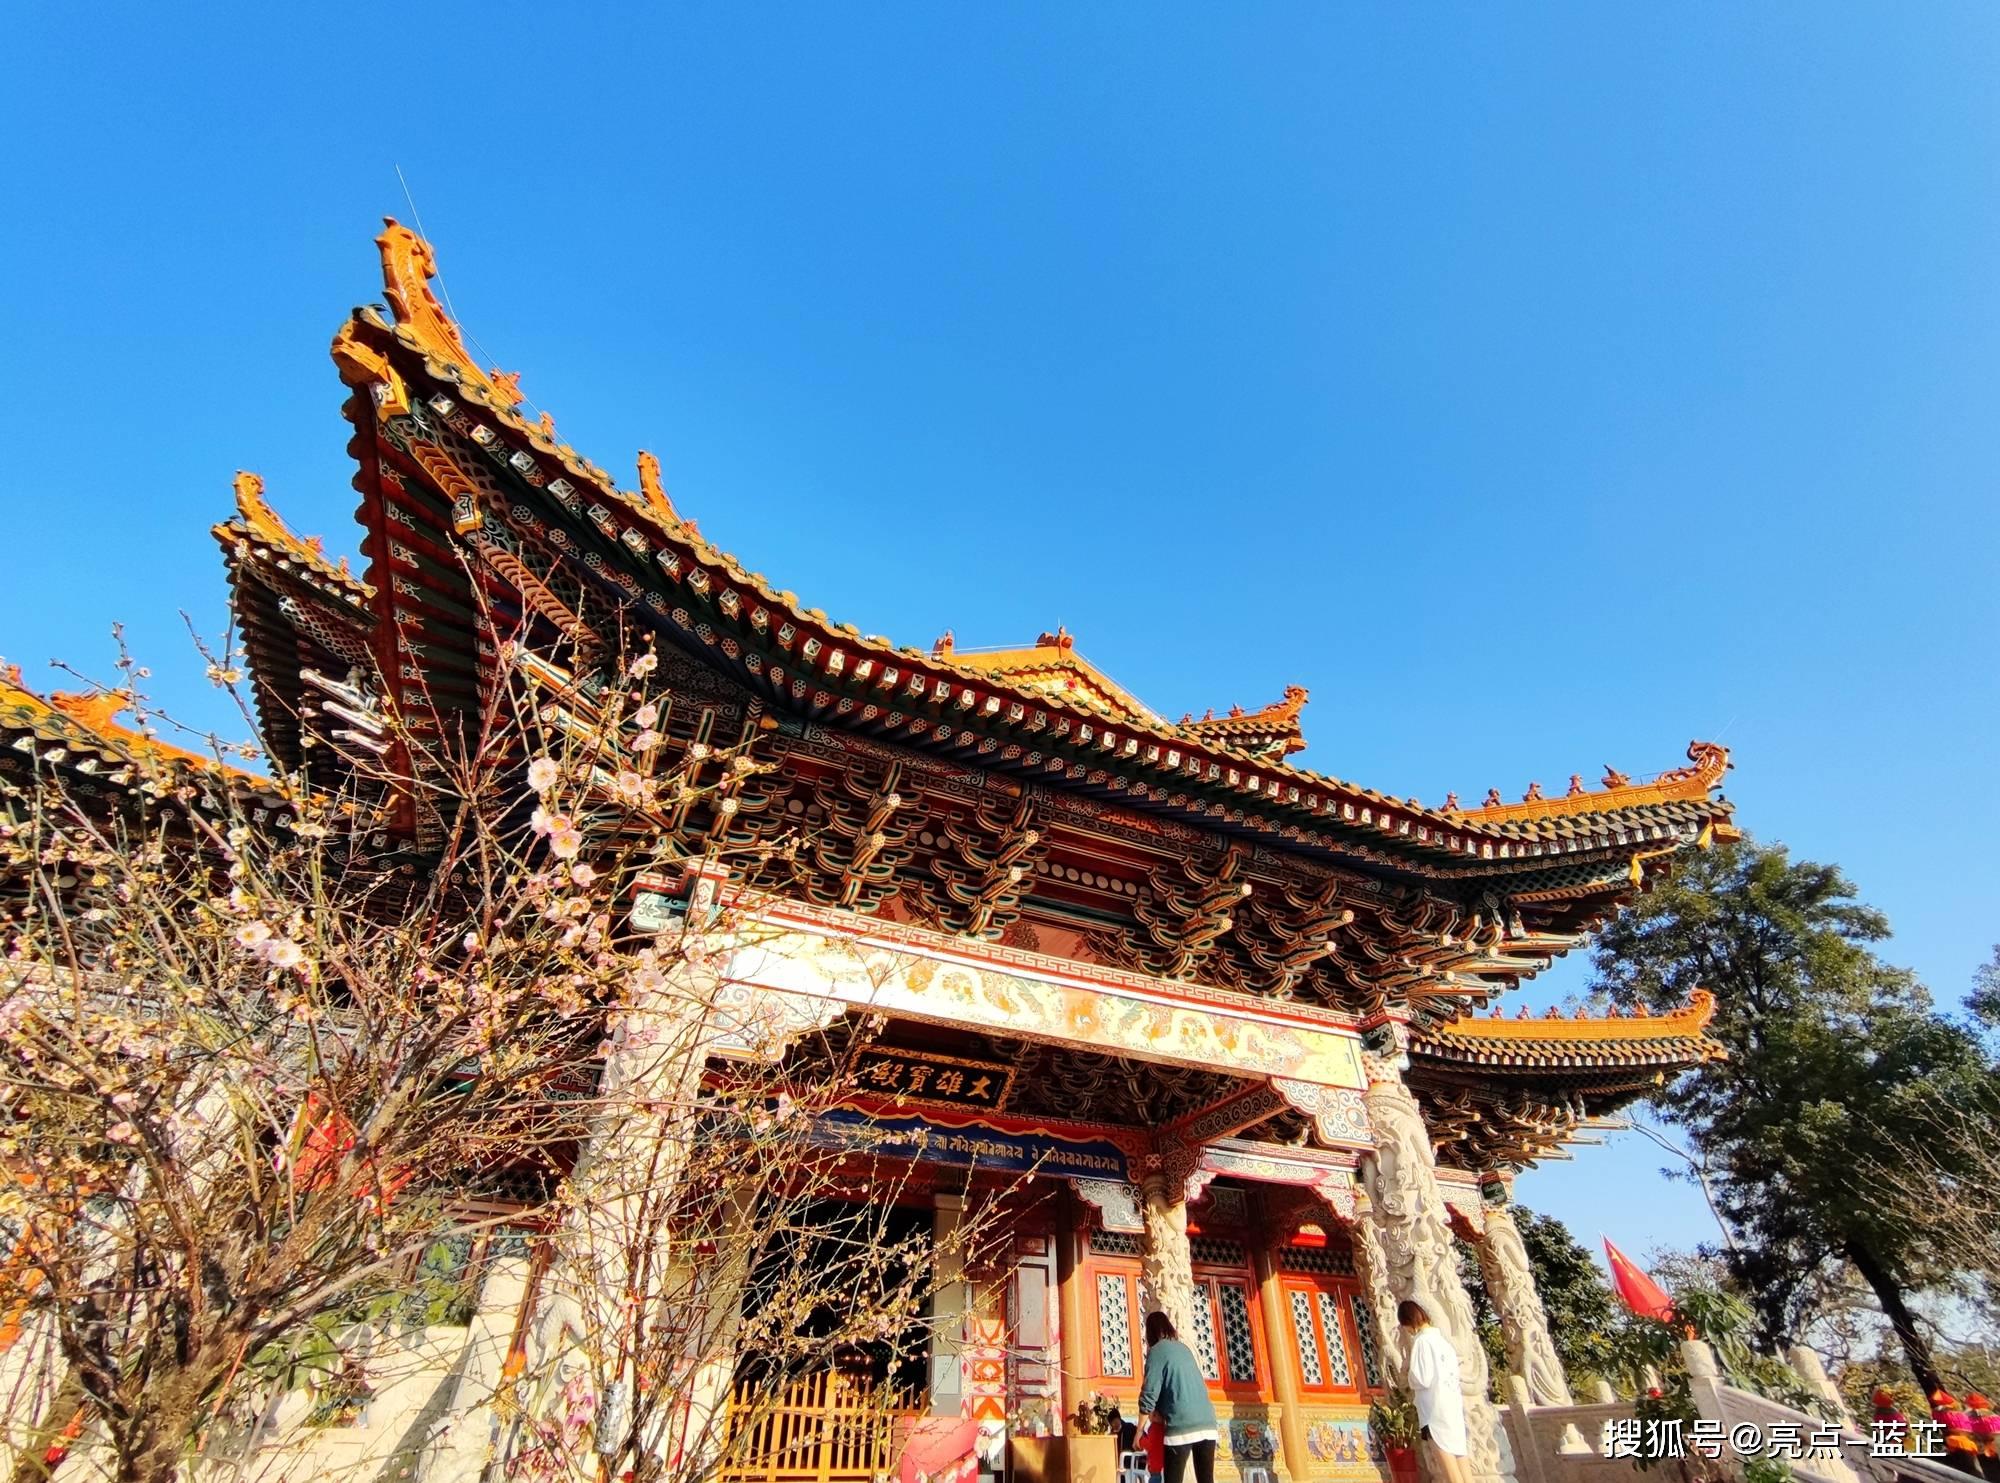 了不起的梅山寺,拥有两个国内之最——石质山门、缅甸白玉佛像  第5张